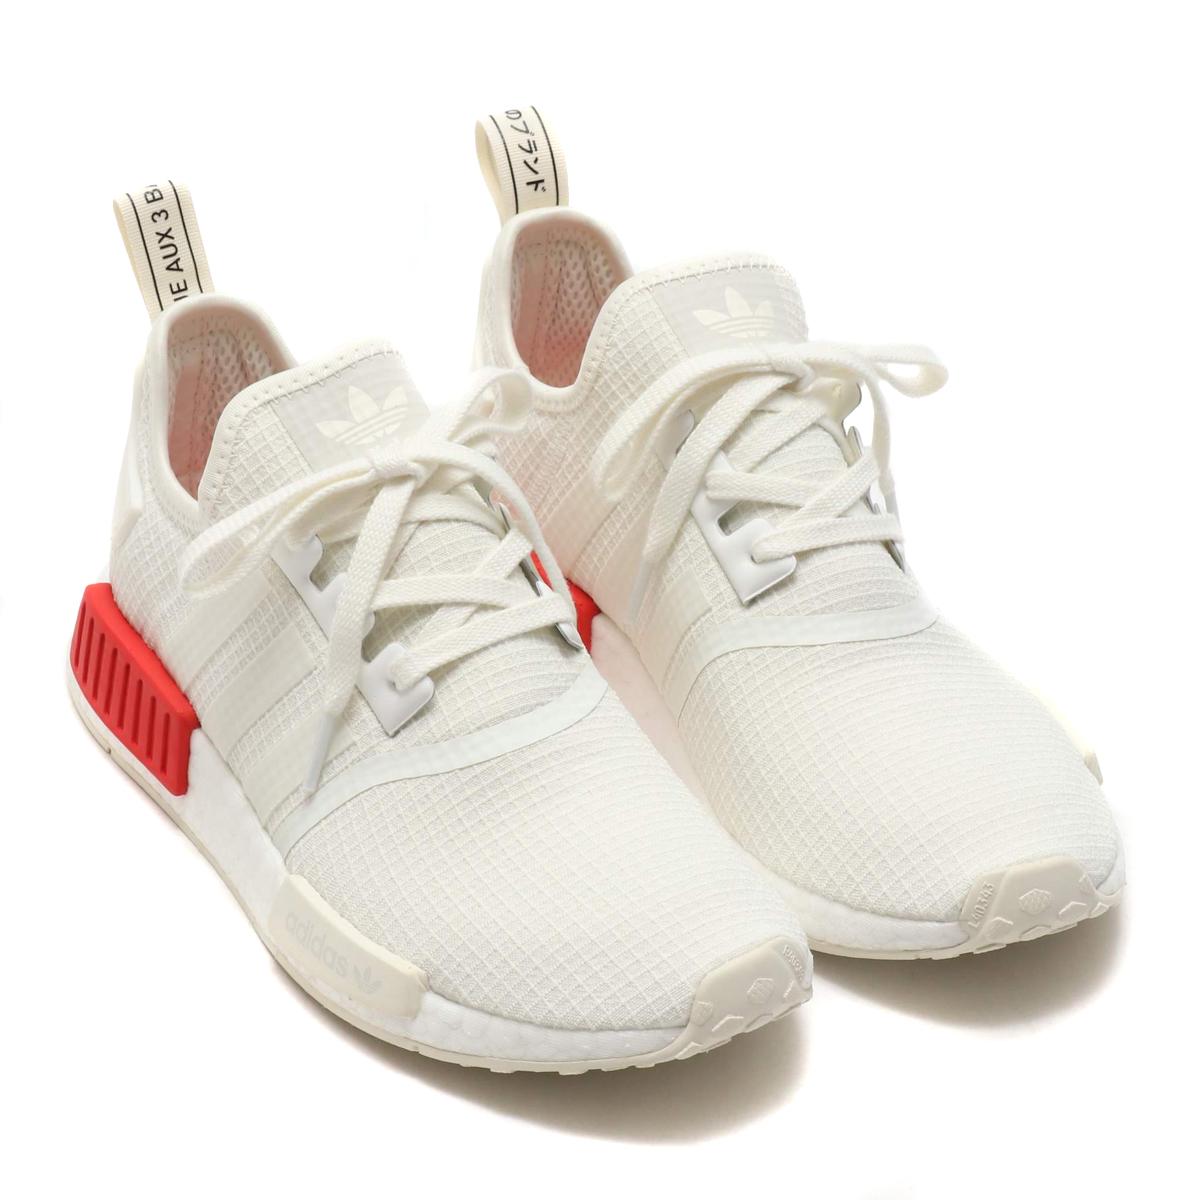 adidas NMD_R1 'Off White' | B37619